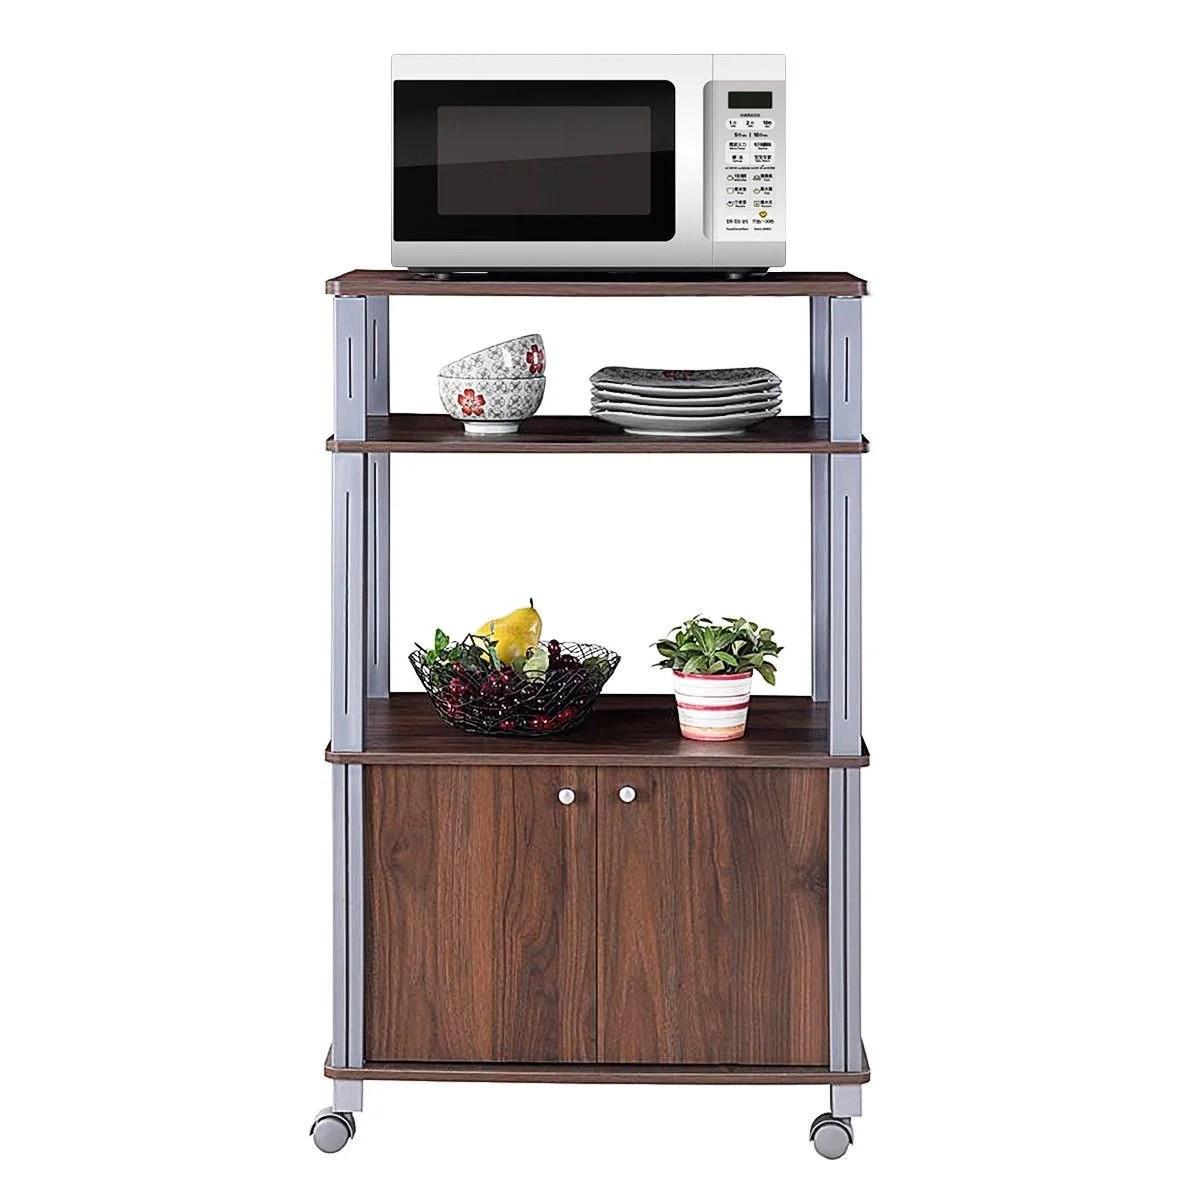 eilardt microwave stand storage kitchen cart